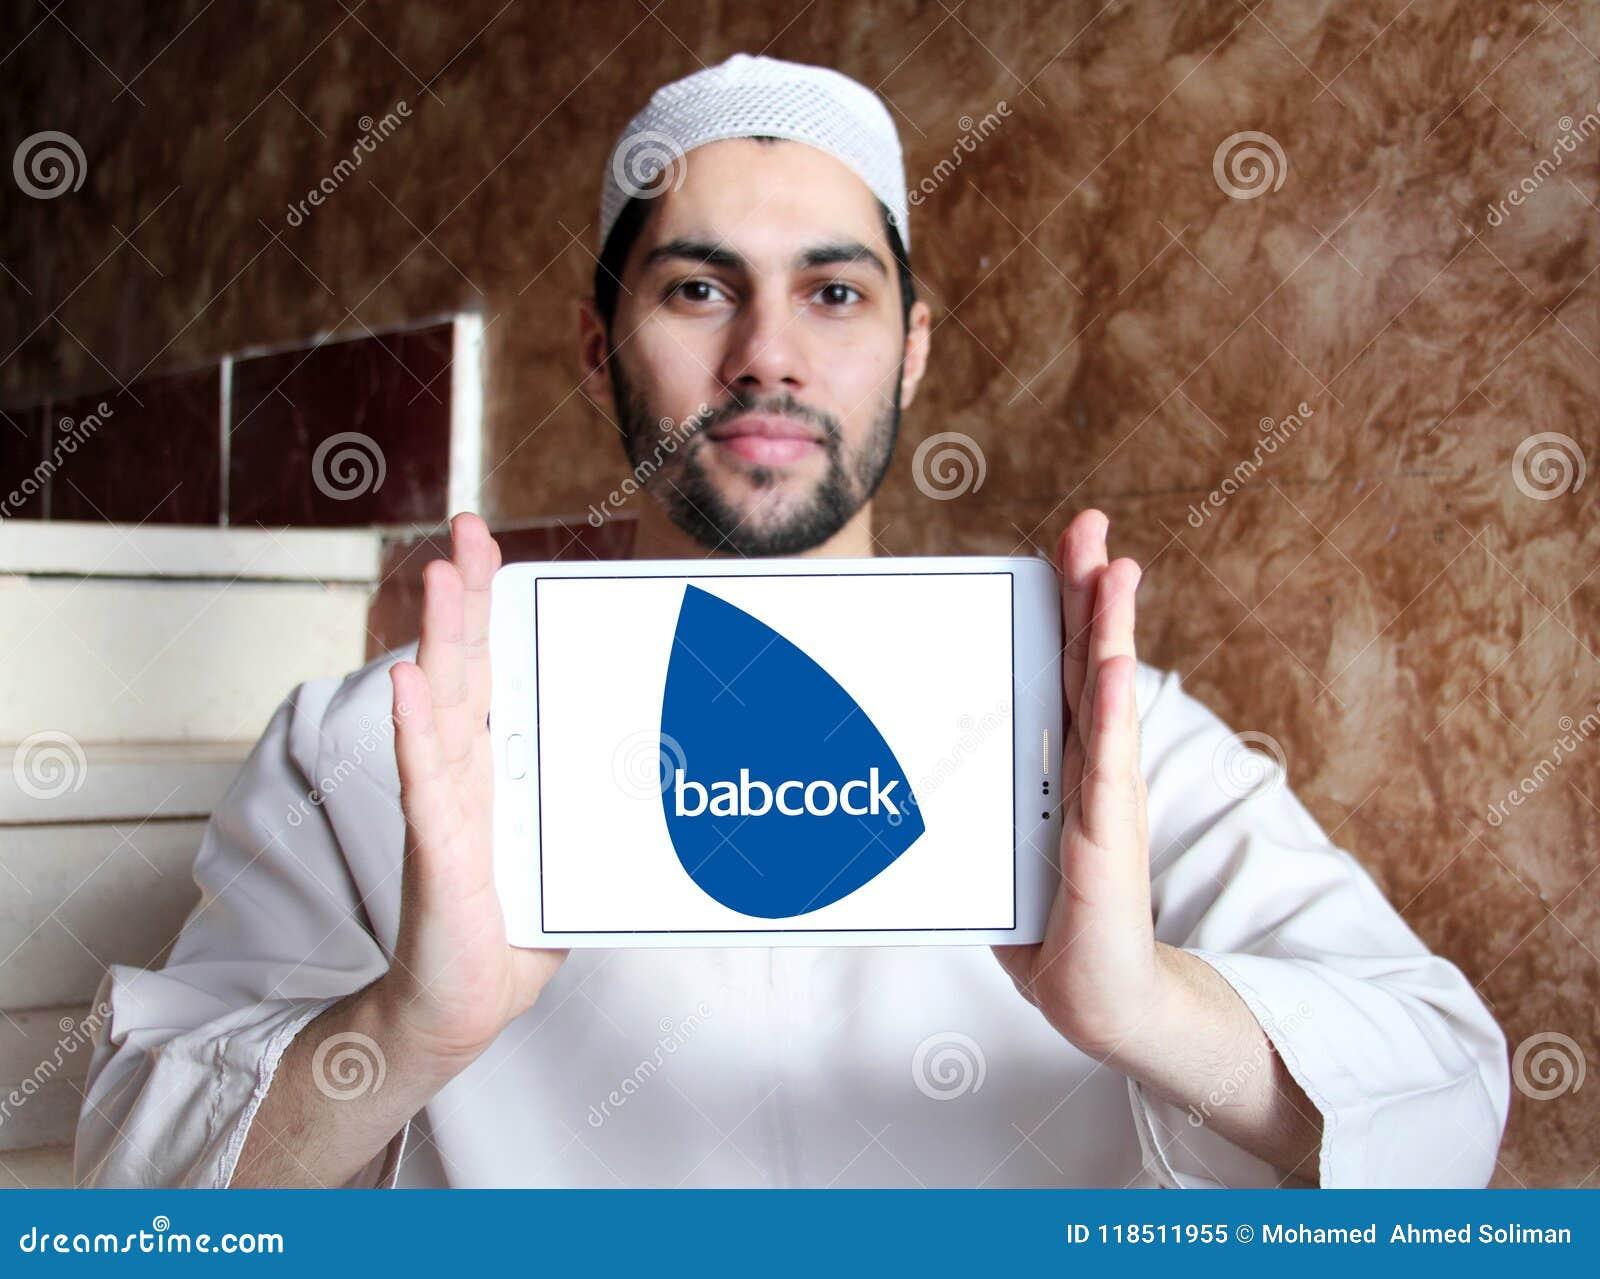 Babcock företagslogo